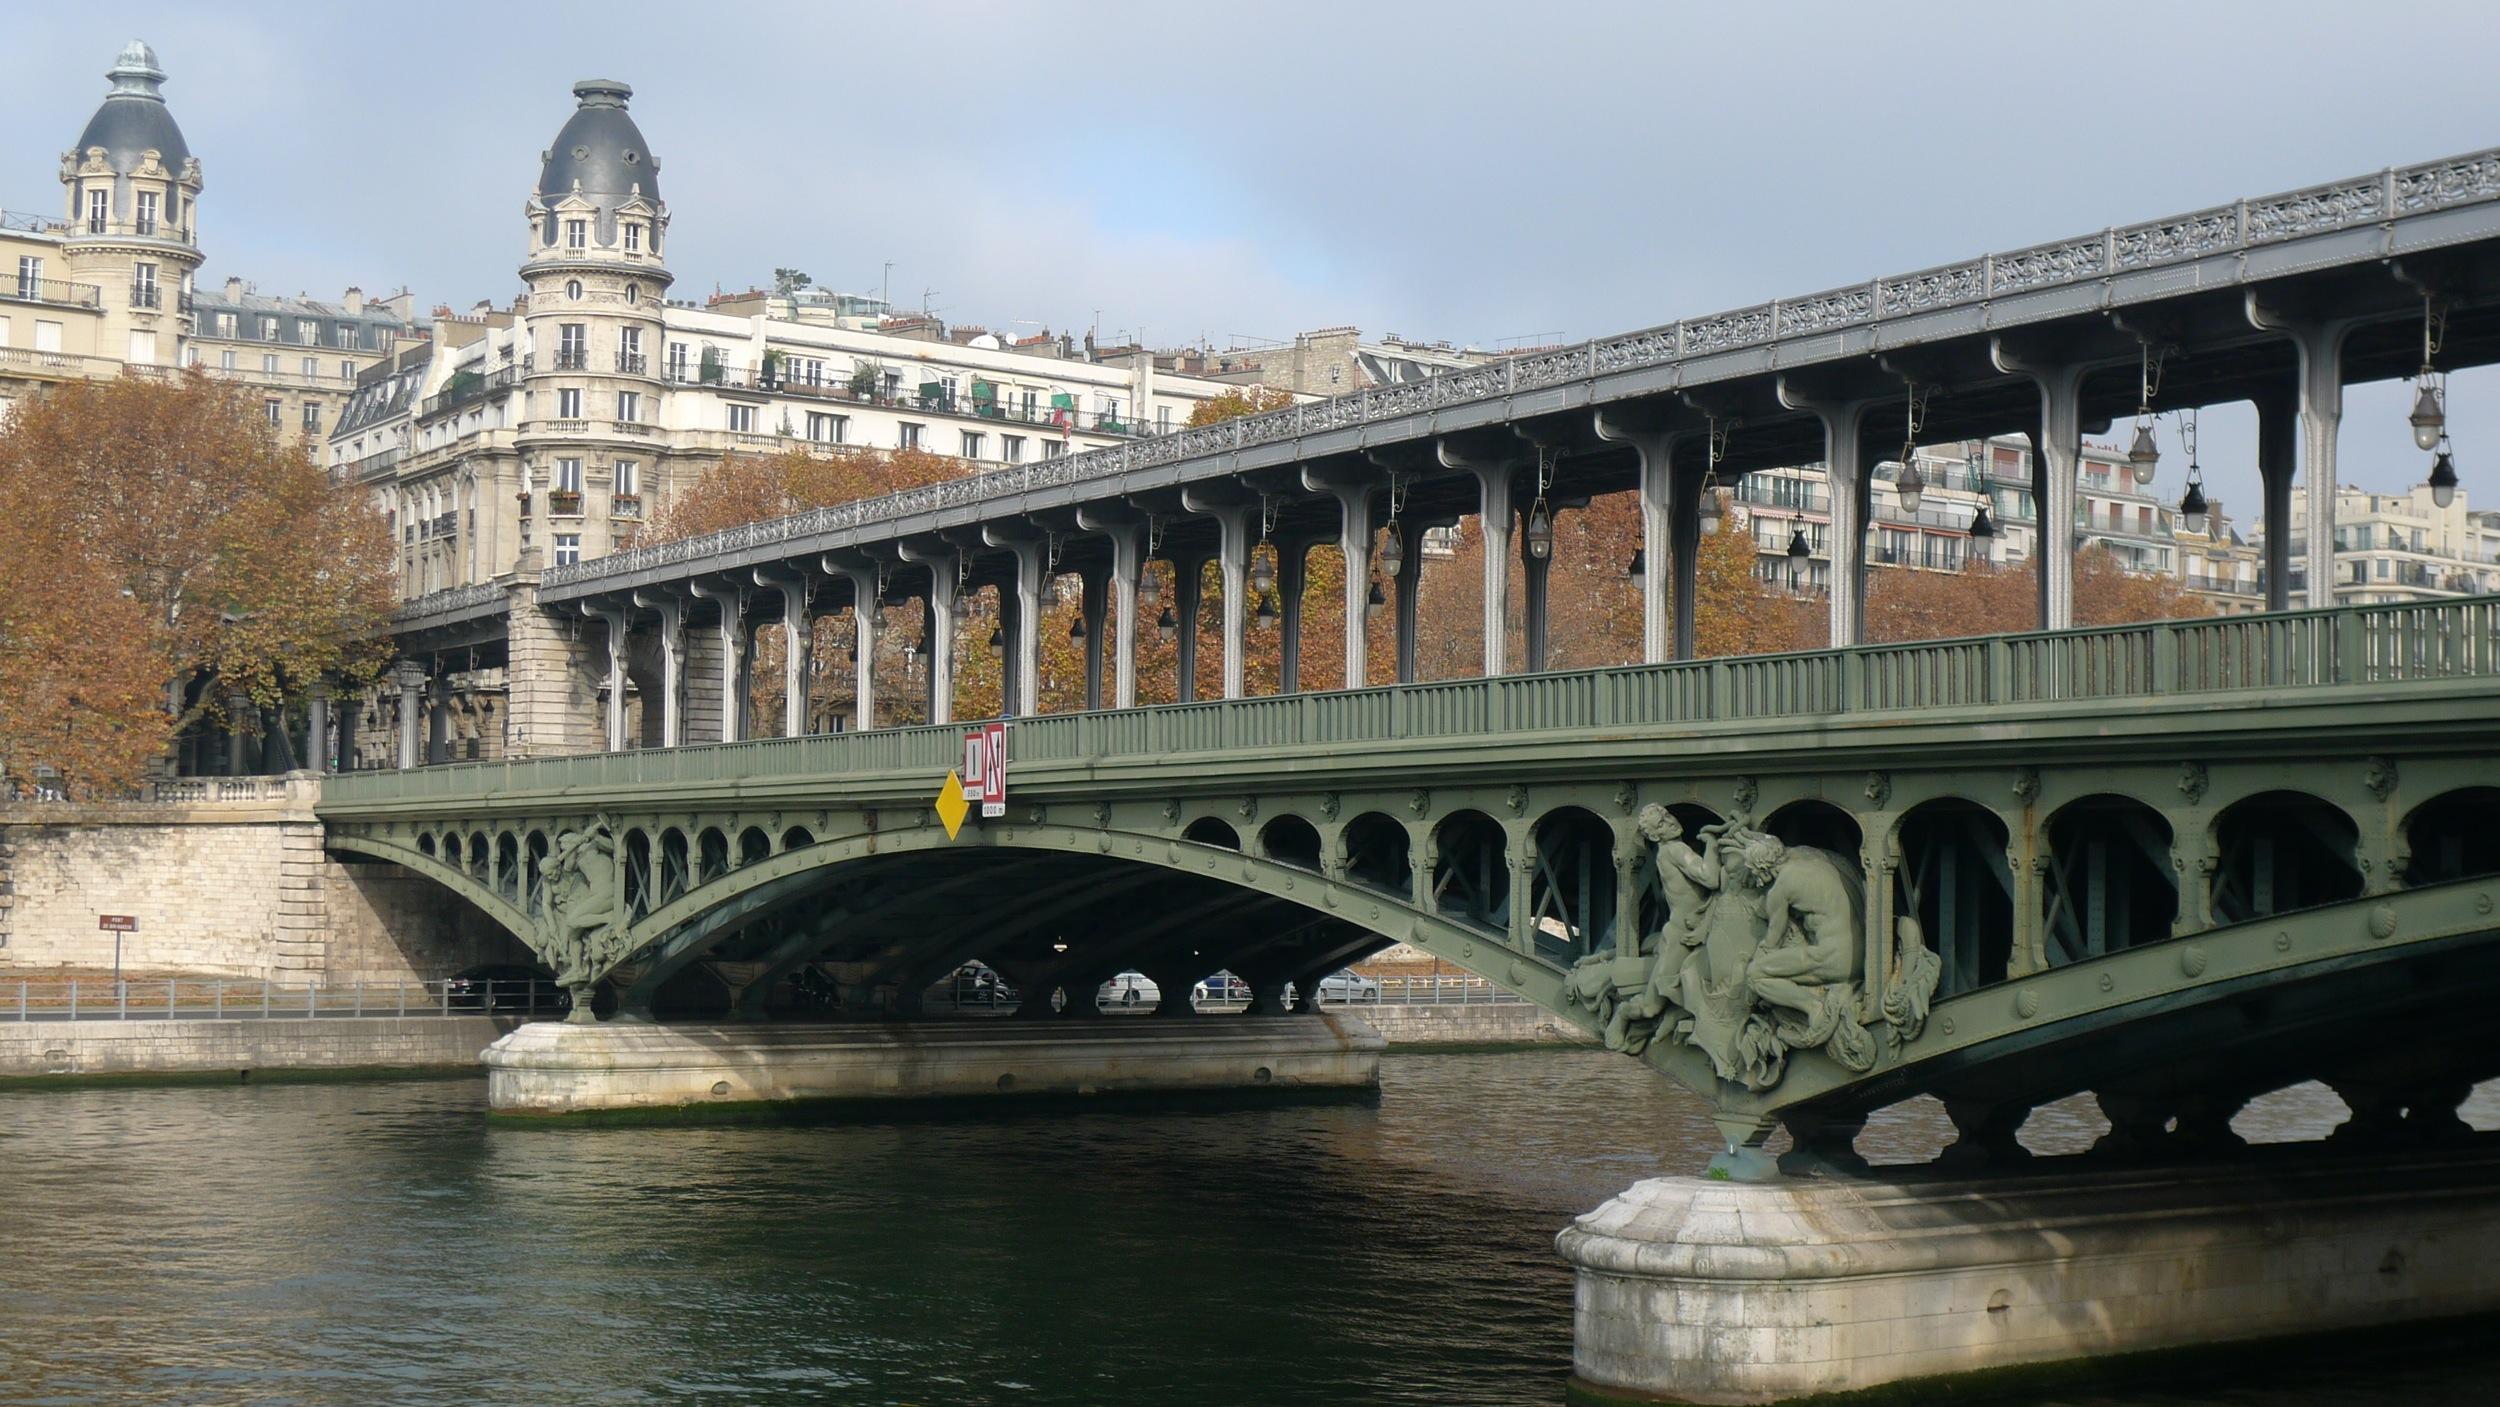 パリで前撮り・後撮りするなら絶対行きたい☆ウエディングフォトにオススメ撮影スポット③